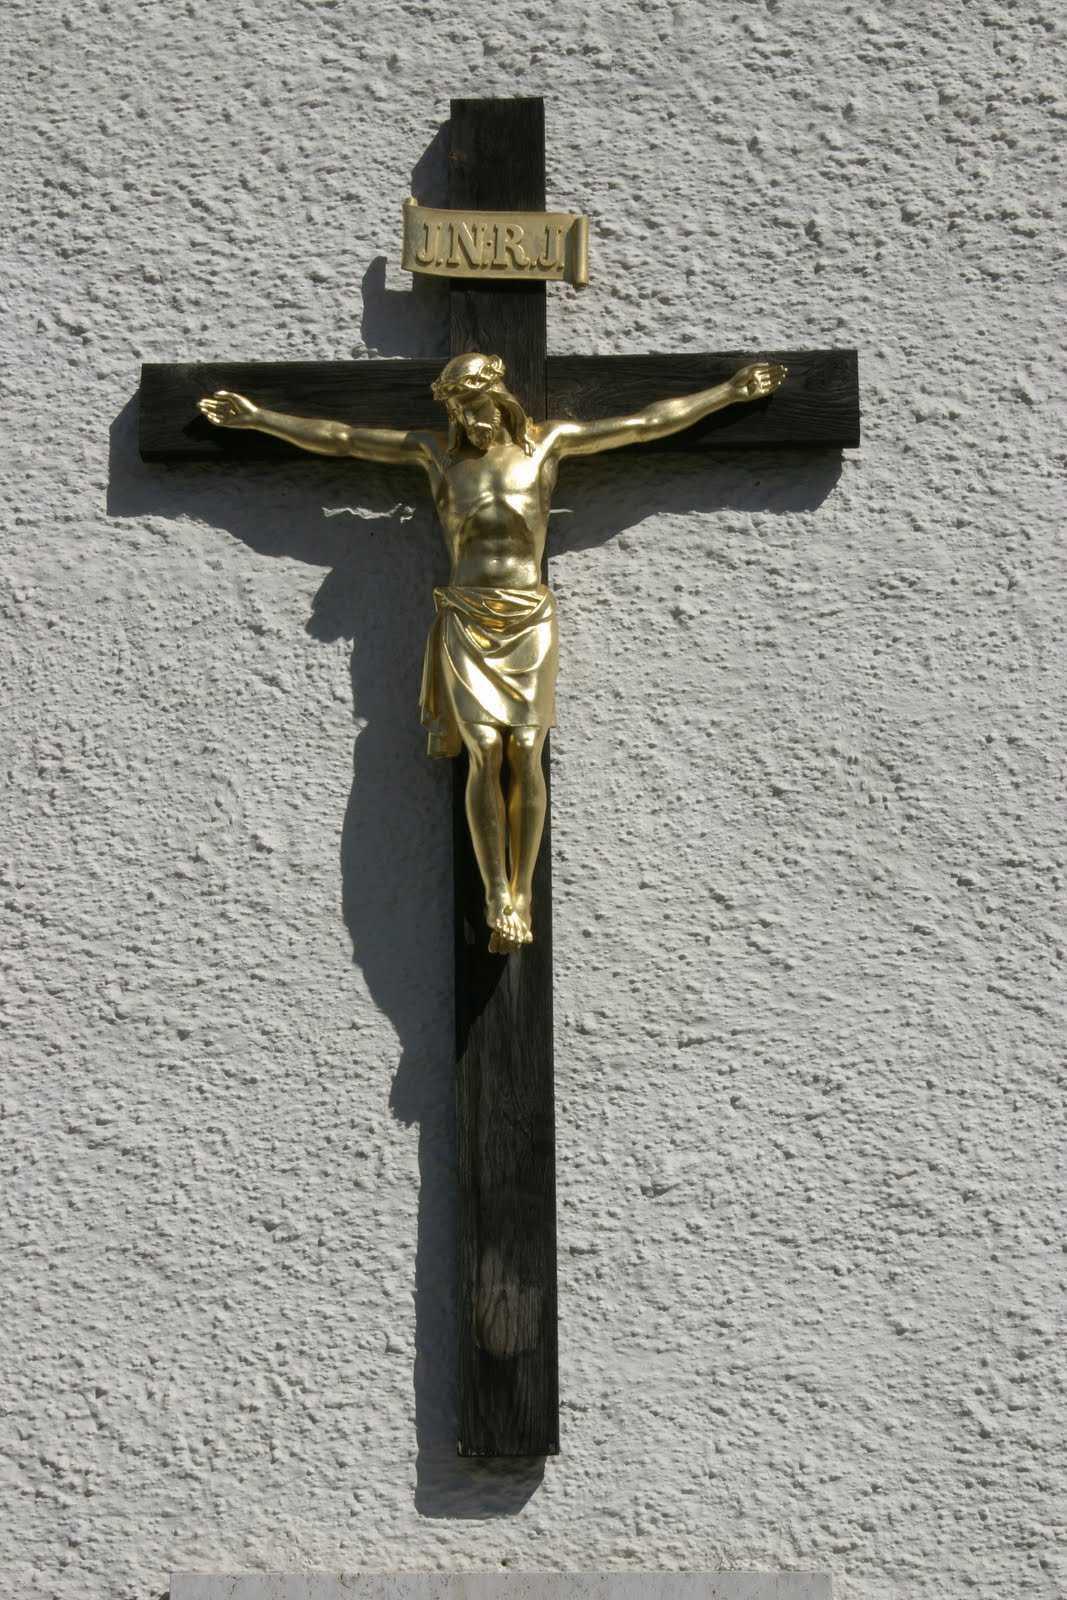 """CEDO <i>ingaduie</i> crucifixul in scoli, considerand ca expunerea """"pasiva"""" a unui simbol religios nu este indoctrinare. CE SE INTAMPLA IN CAZUL EXPUNERII """"ACTIVE""""?"""